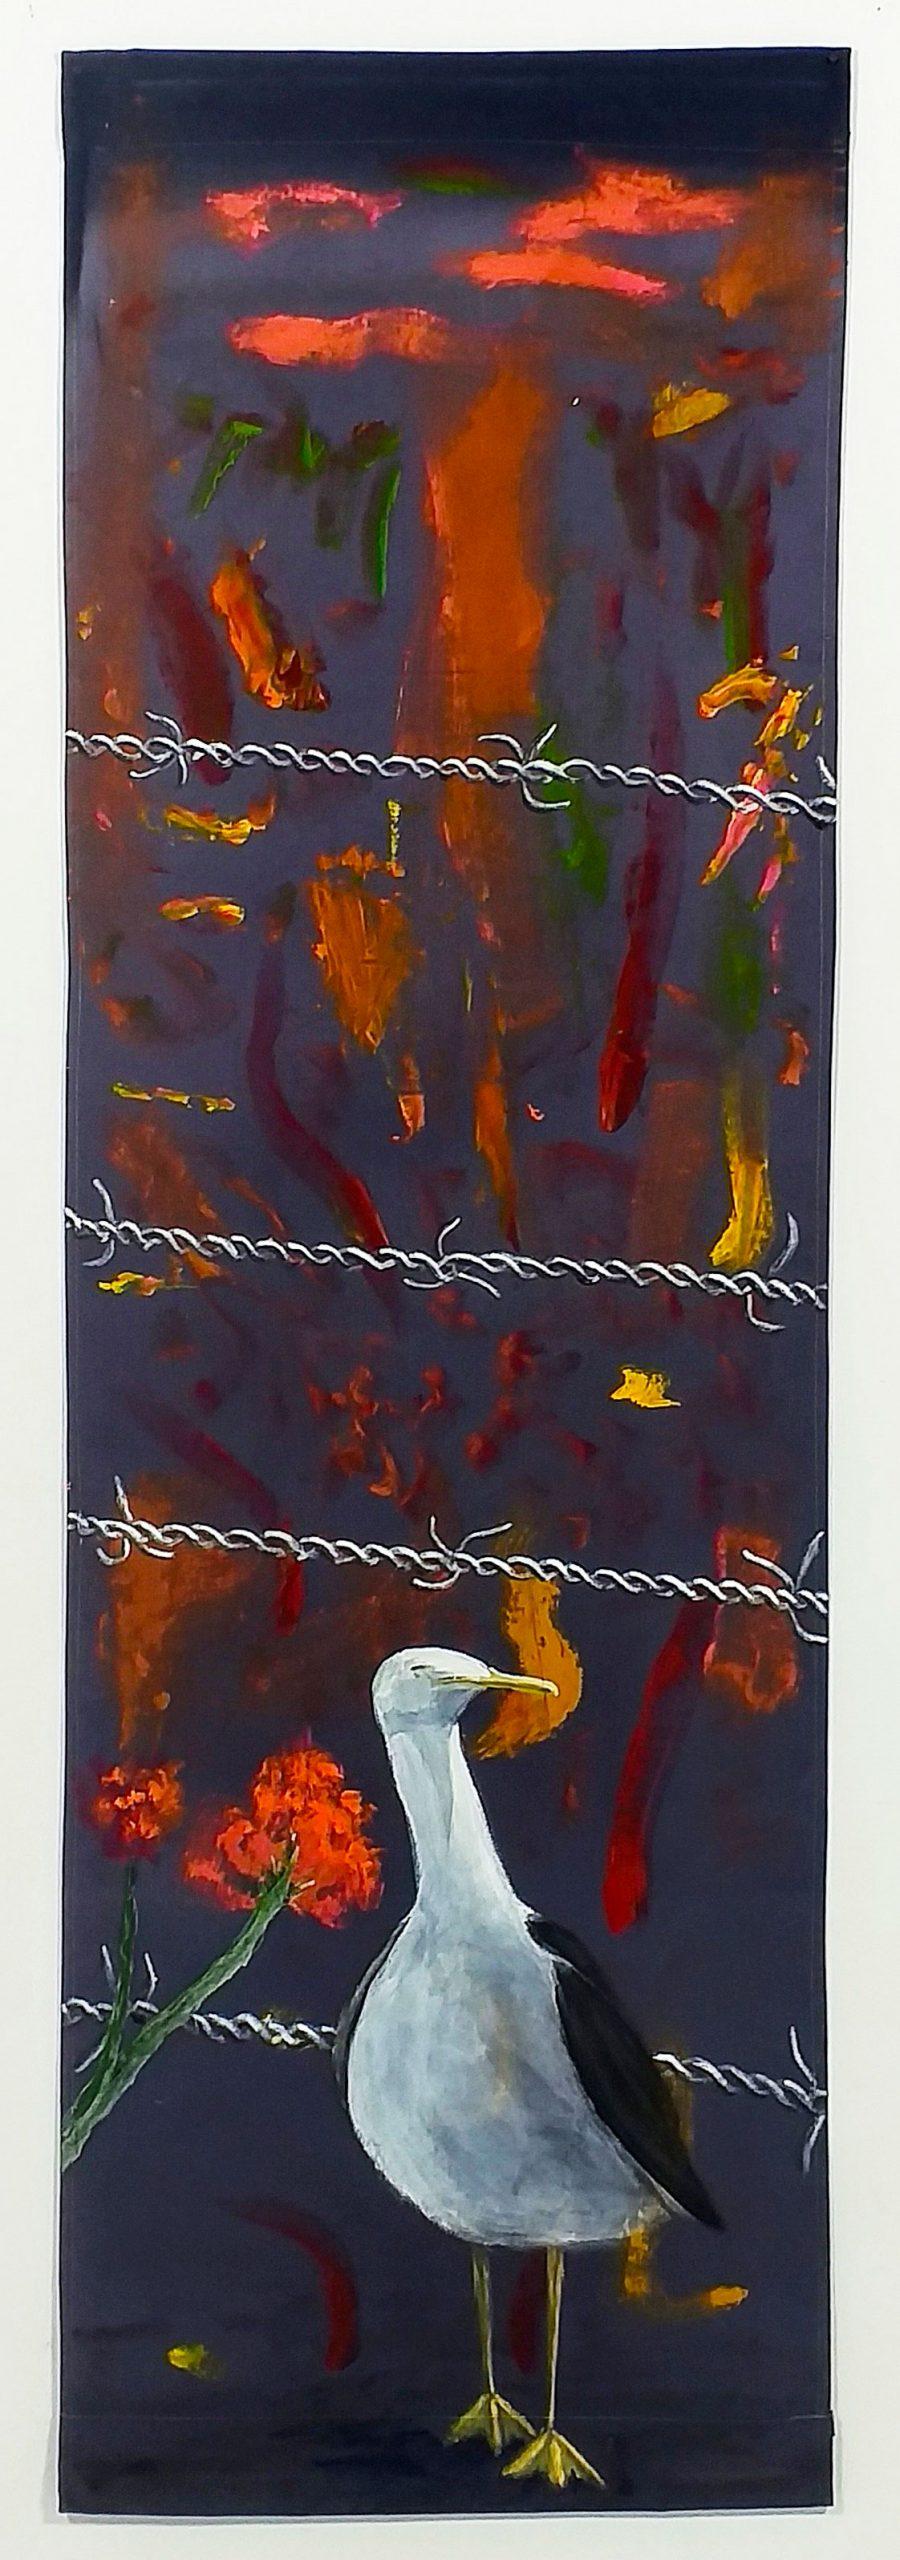 Pintura pájaros y alambres de púas obra del artista visual Guillermo del Valle